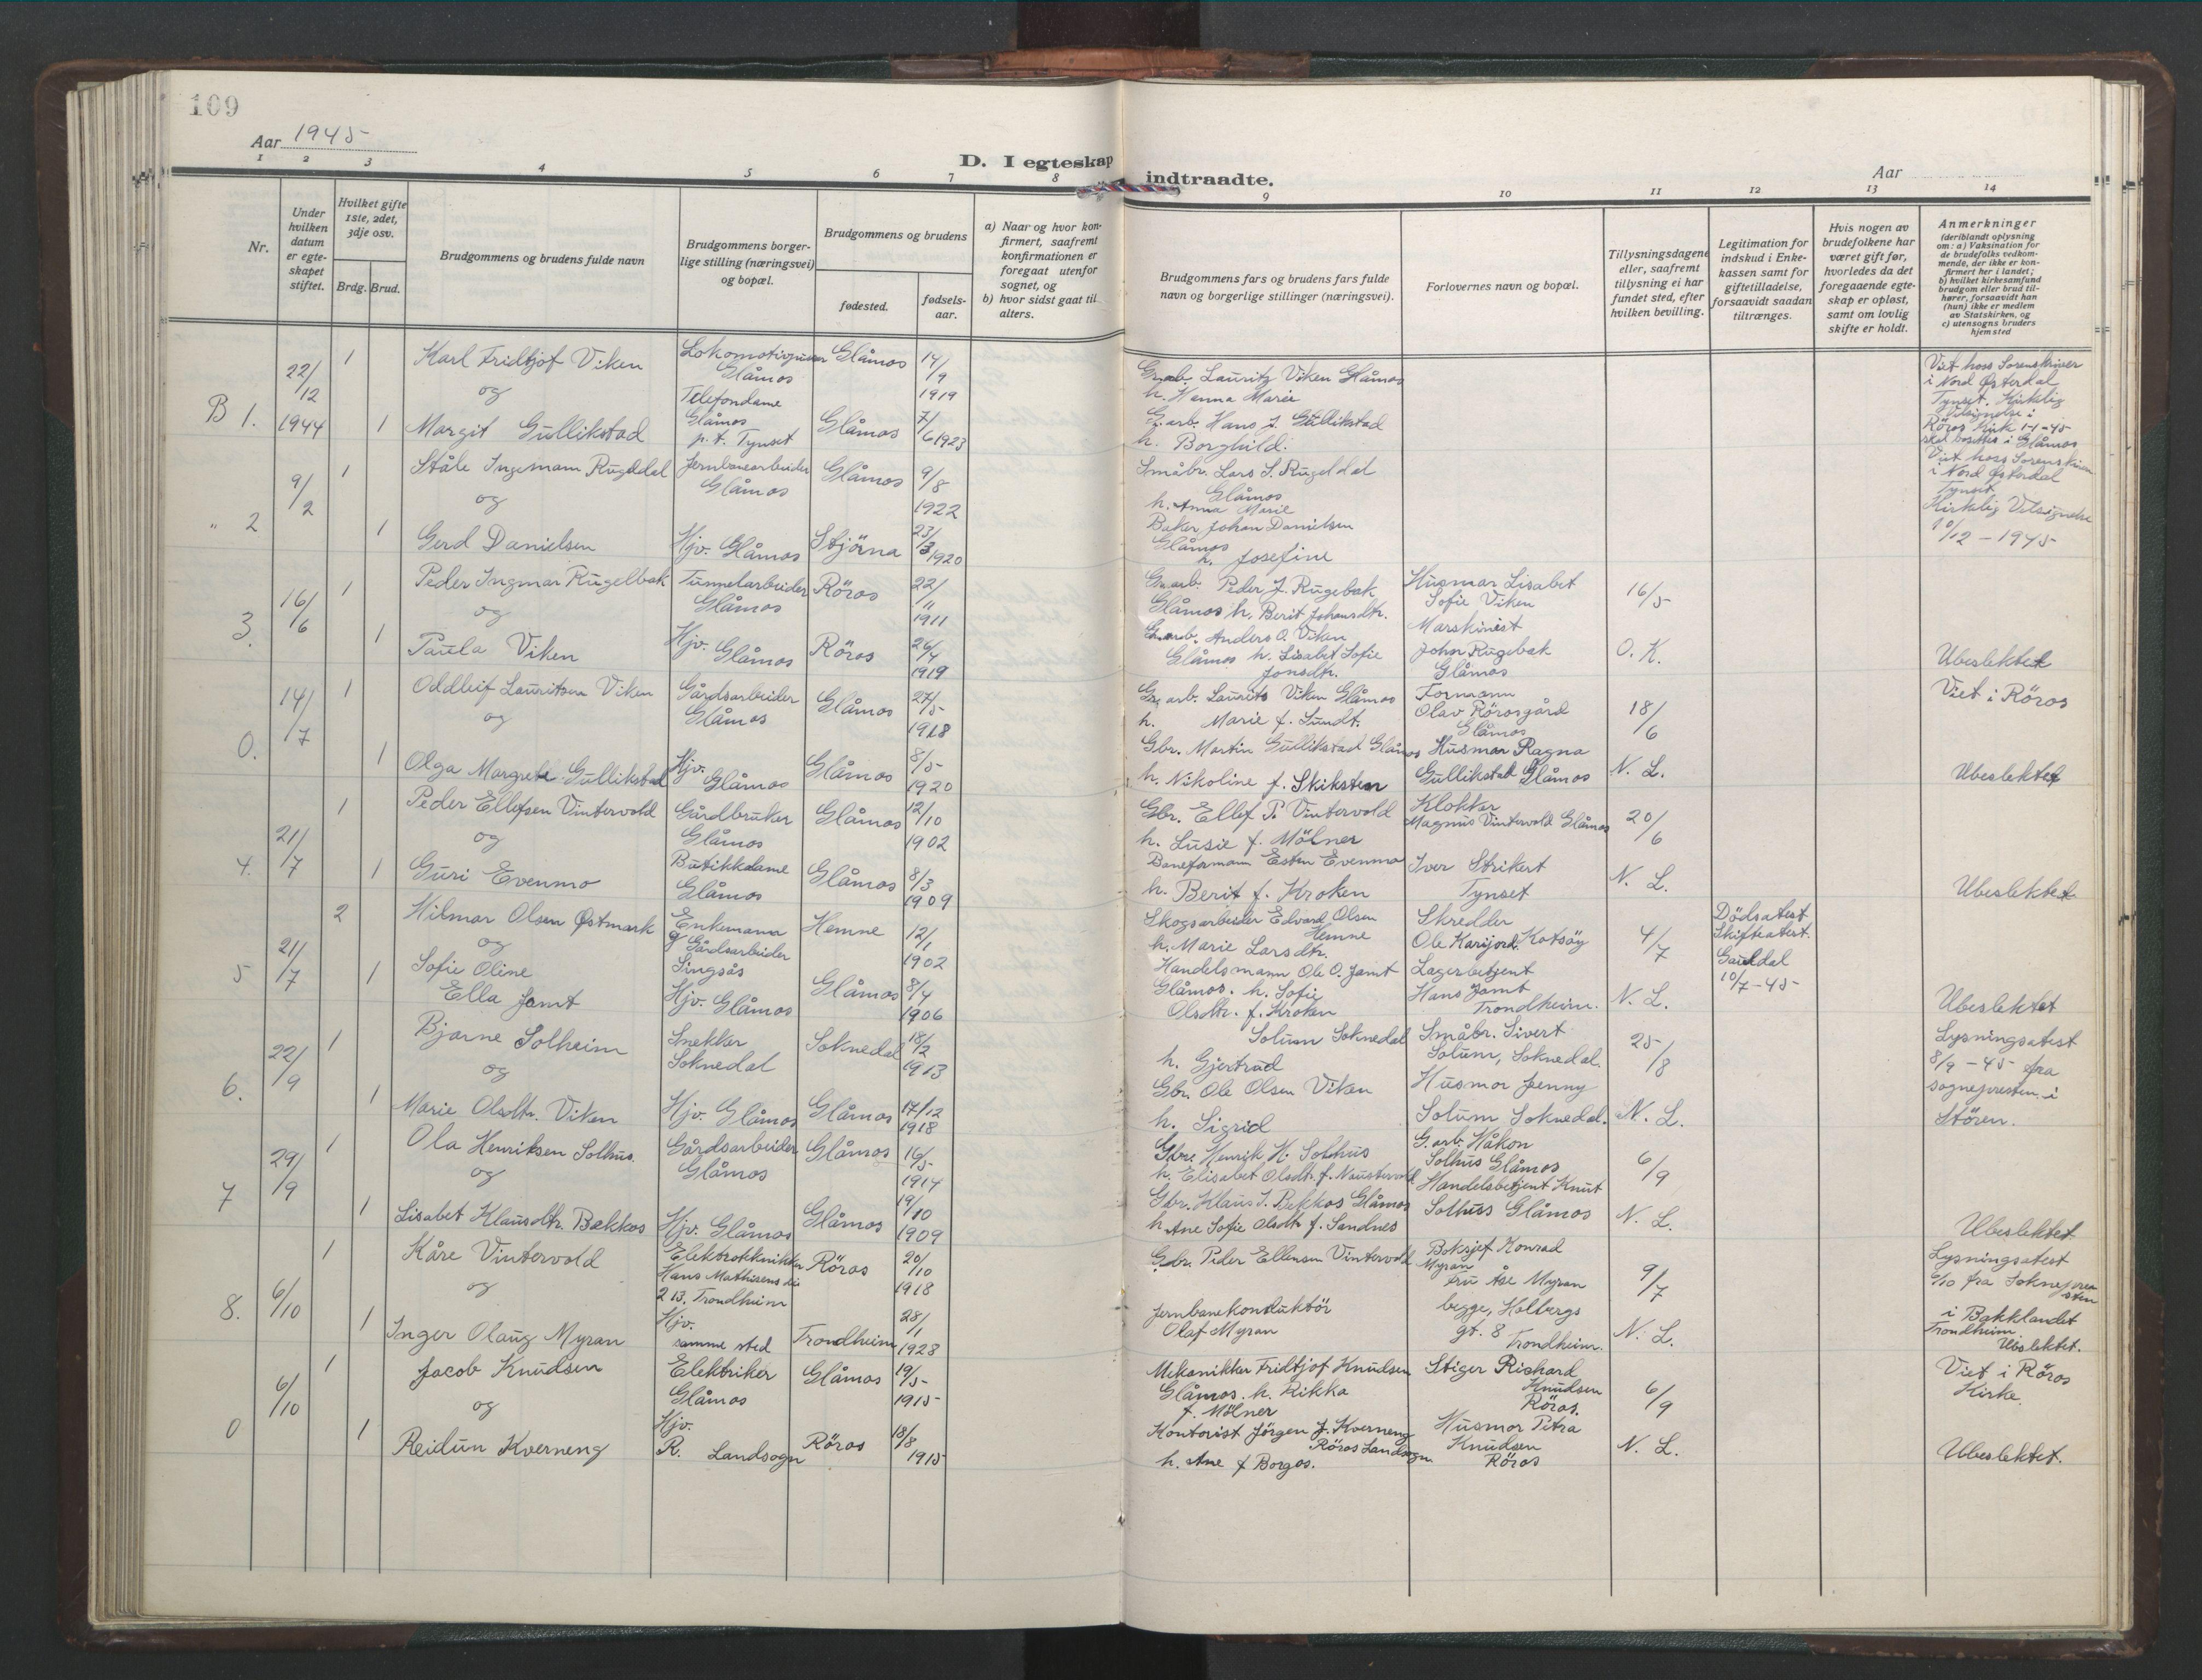 SAT, Ministerialprotokoller, klokkerbøker og fødselsregistre - Sør-Trøndelag, 682/L0947: Klokkerbok nr. 682C01, 1926-1968, s. 109